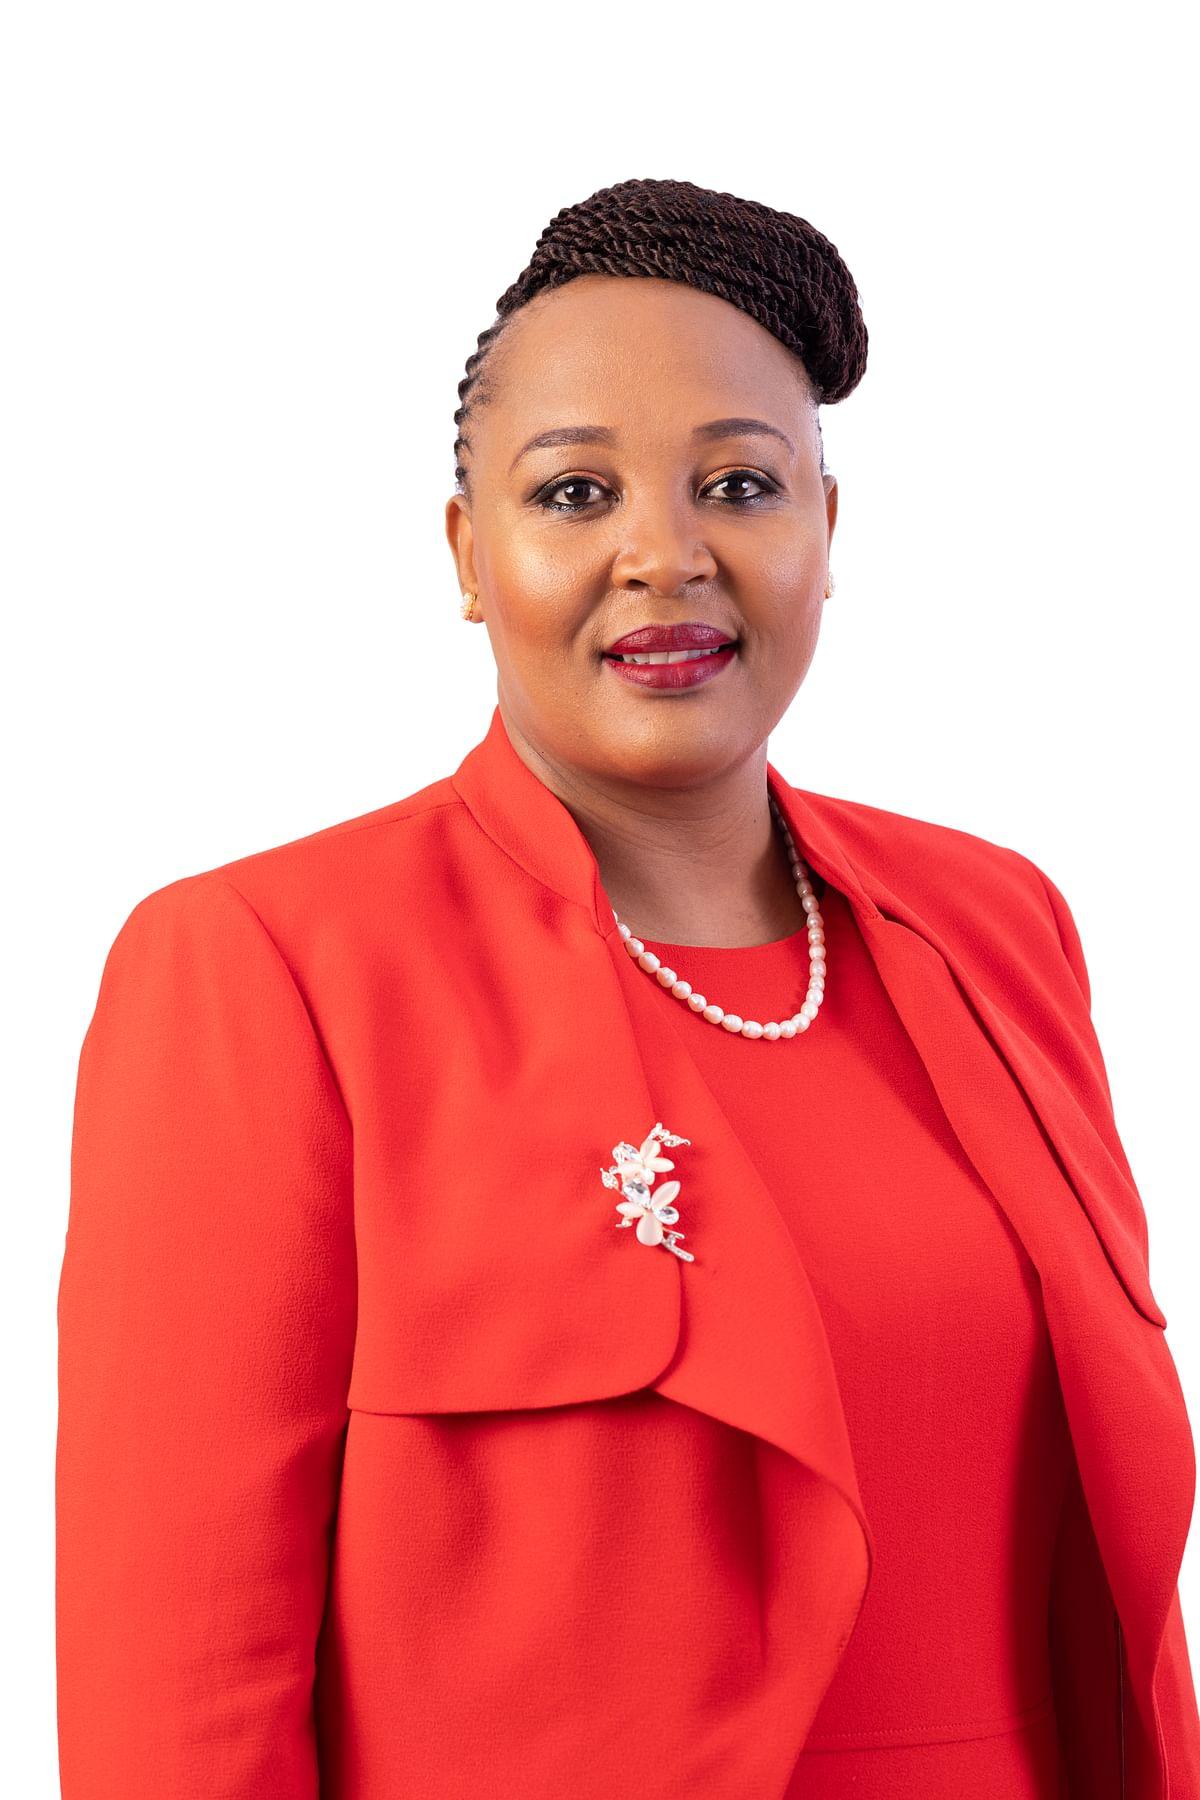 Absa Bank Botswana Anniversary and Donates to Communities